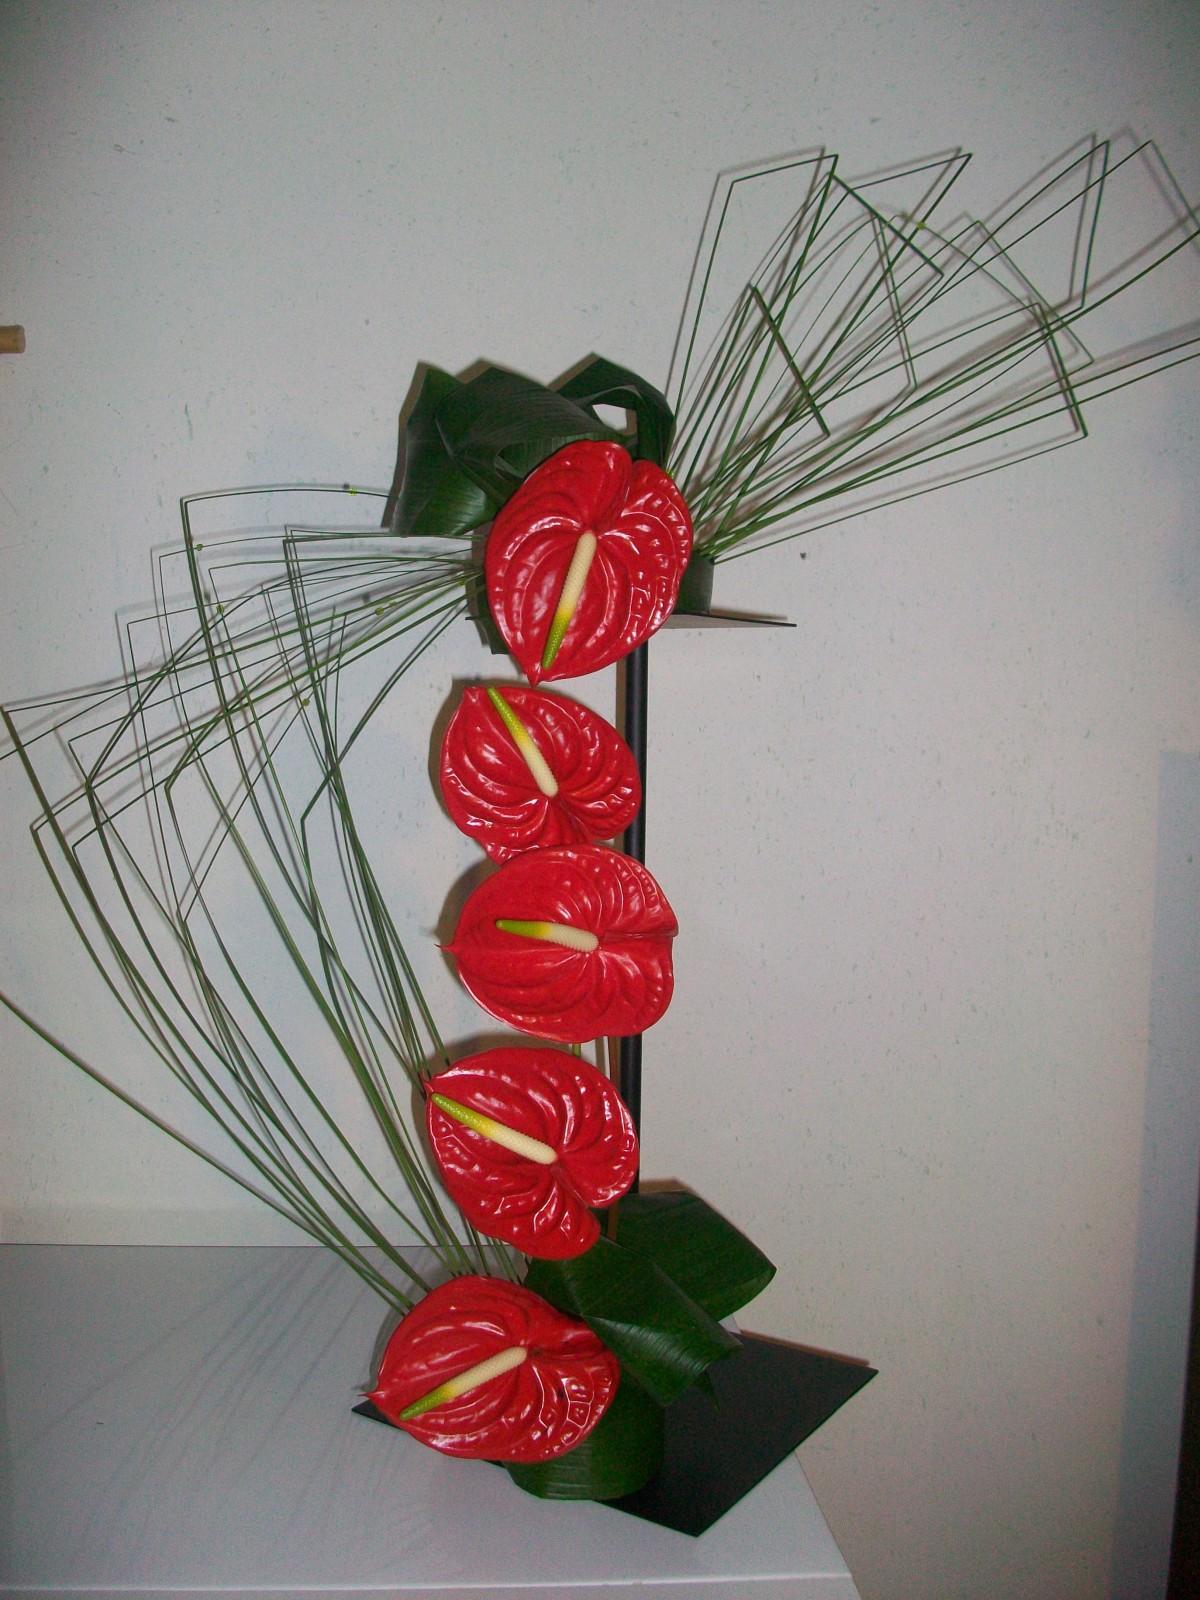 Association temps libre morainvilliers bures art for Anne marie witmeur decoration